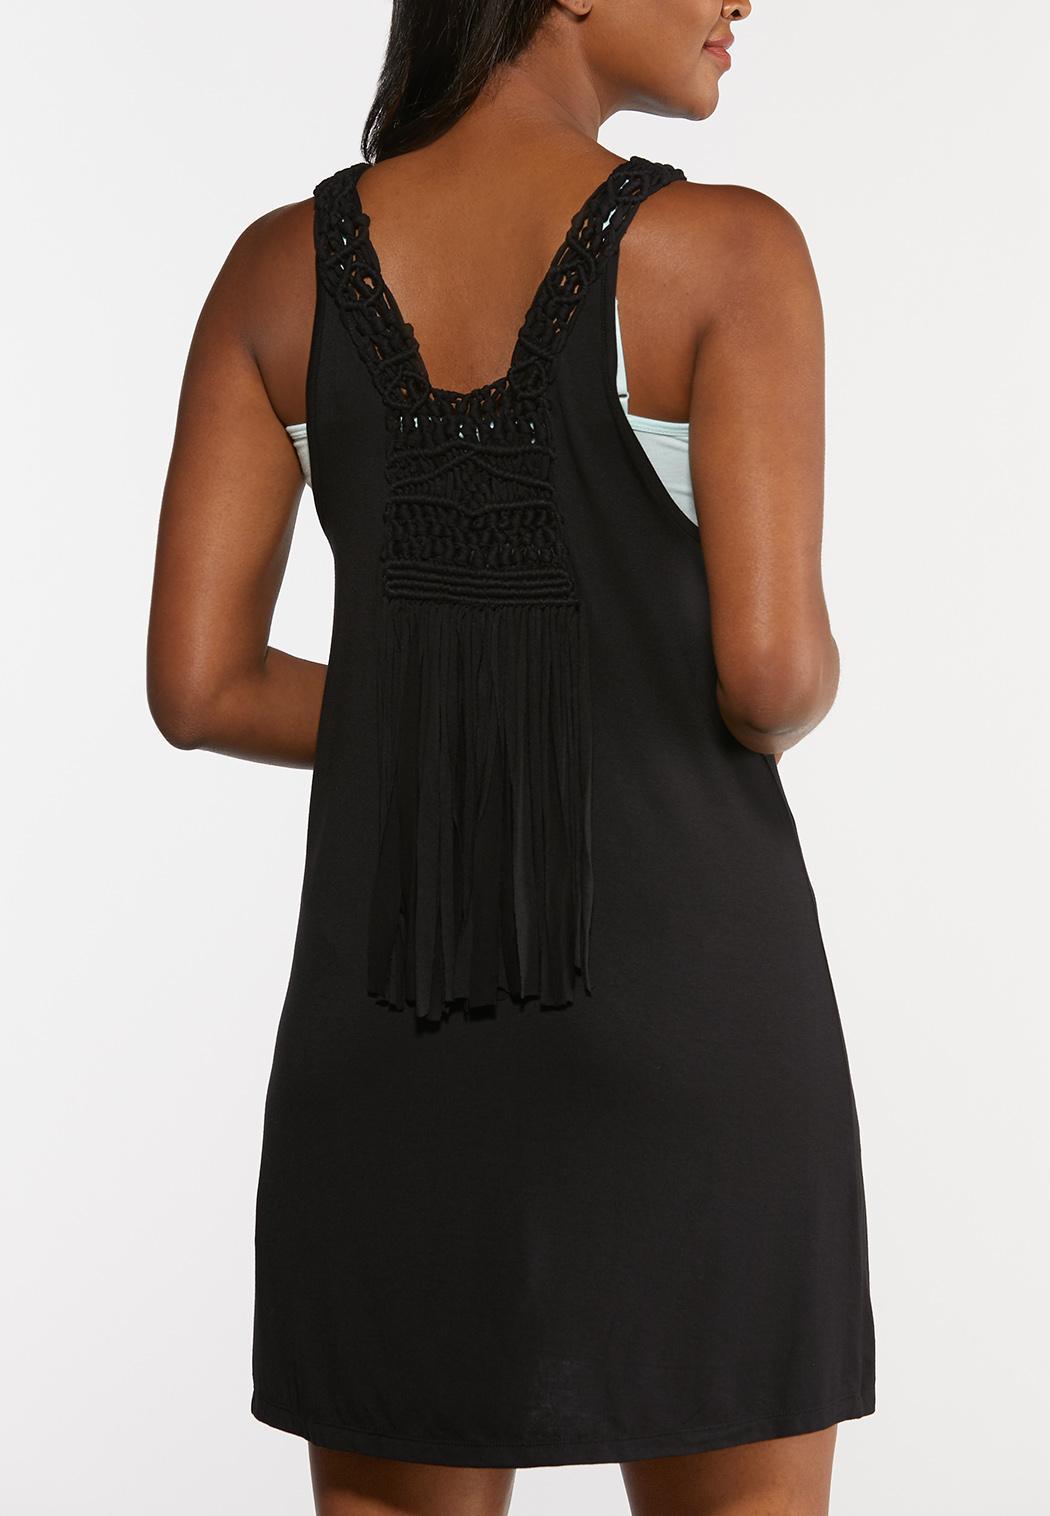 Solid Black Vest (Item #44290759)